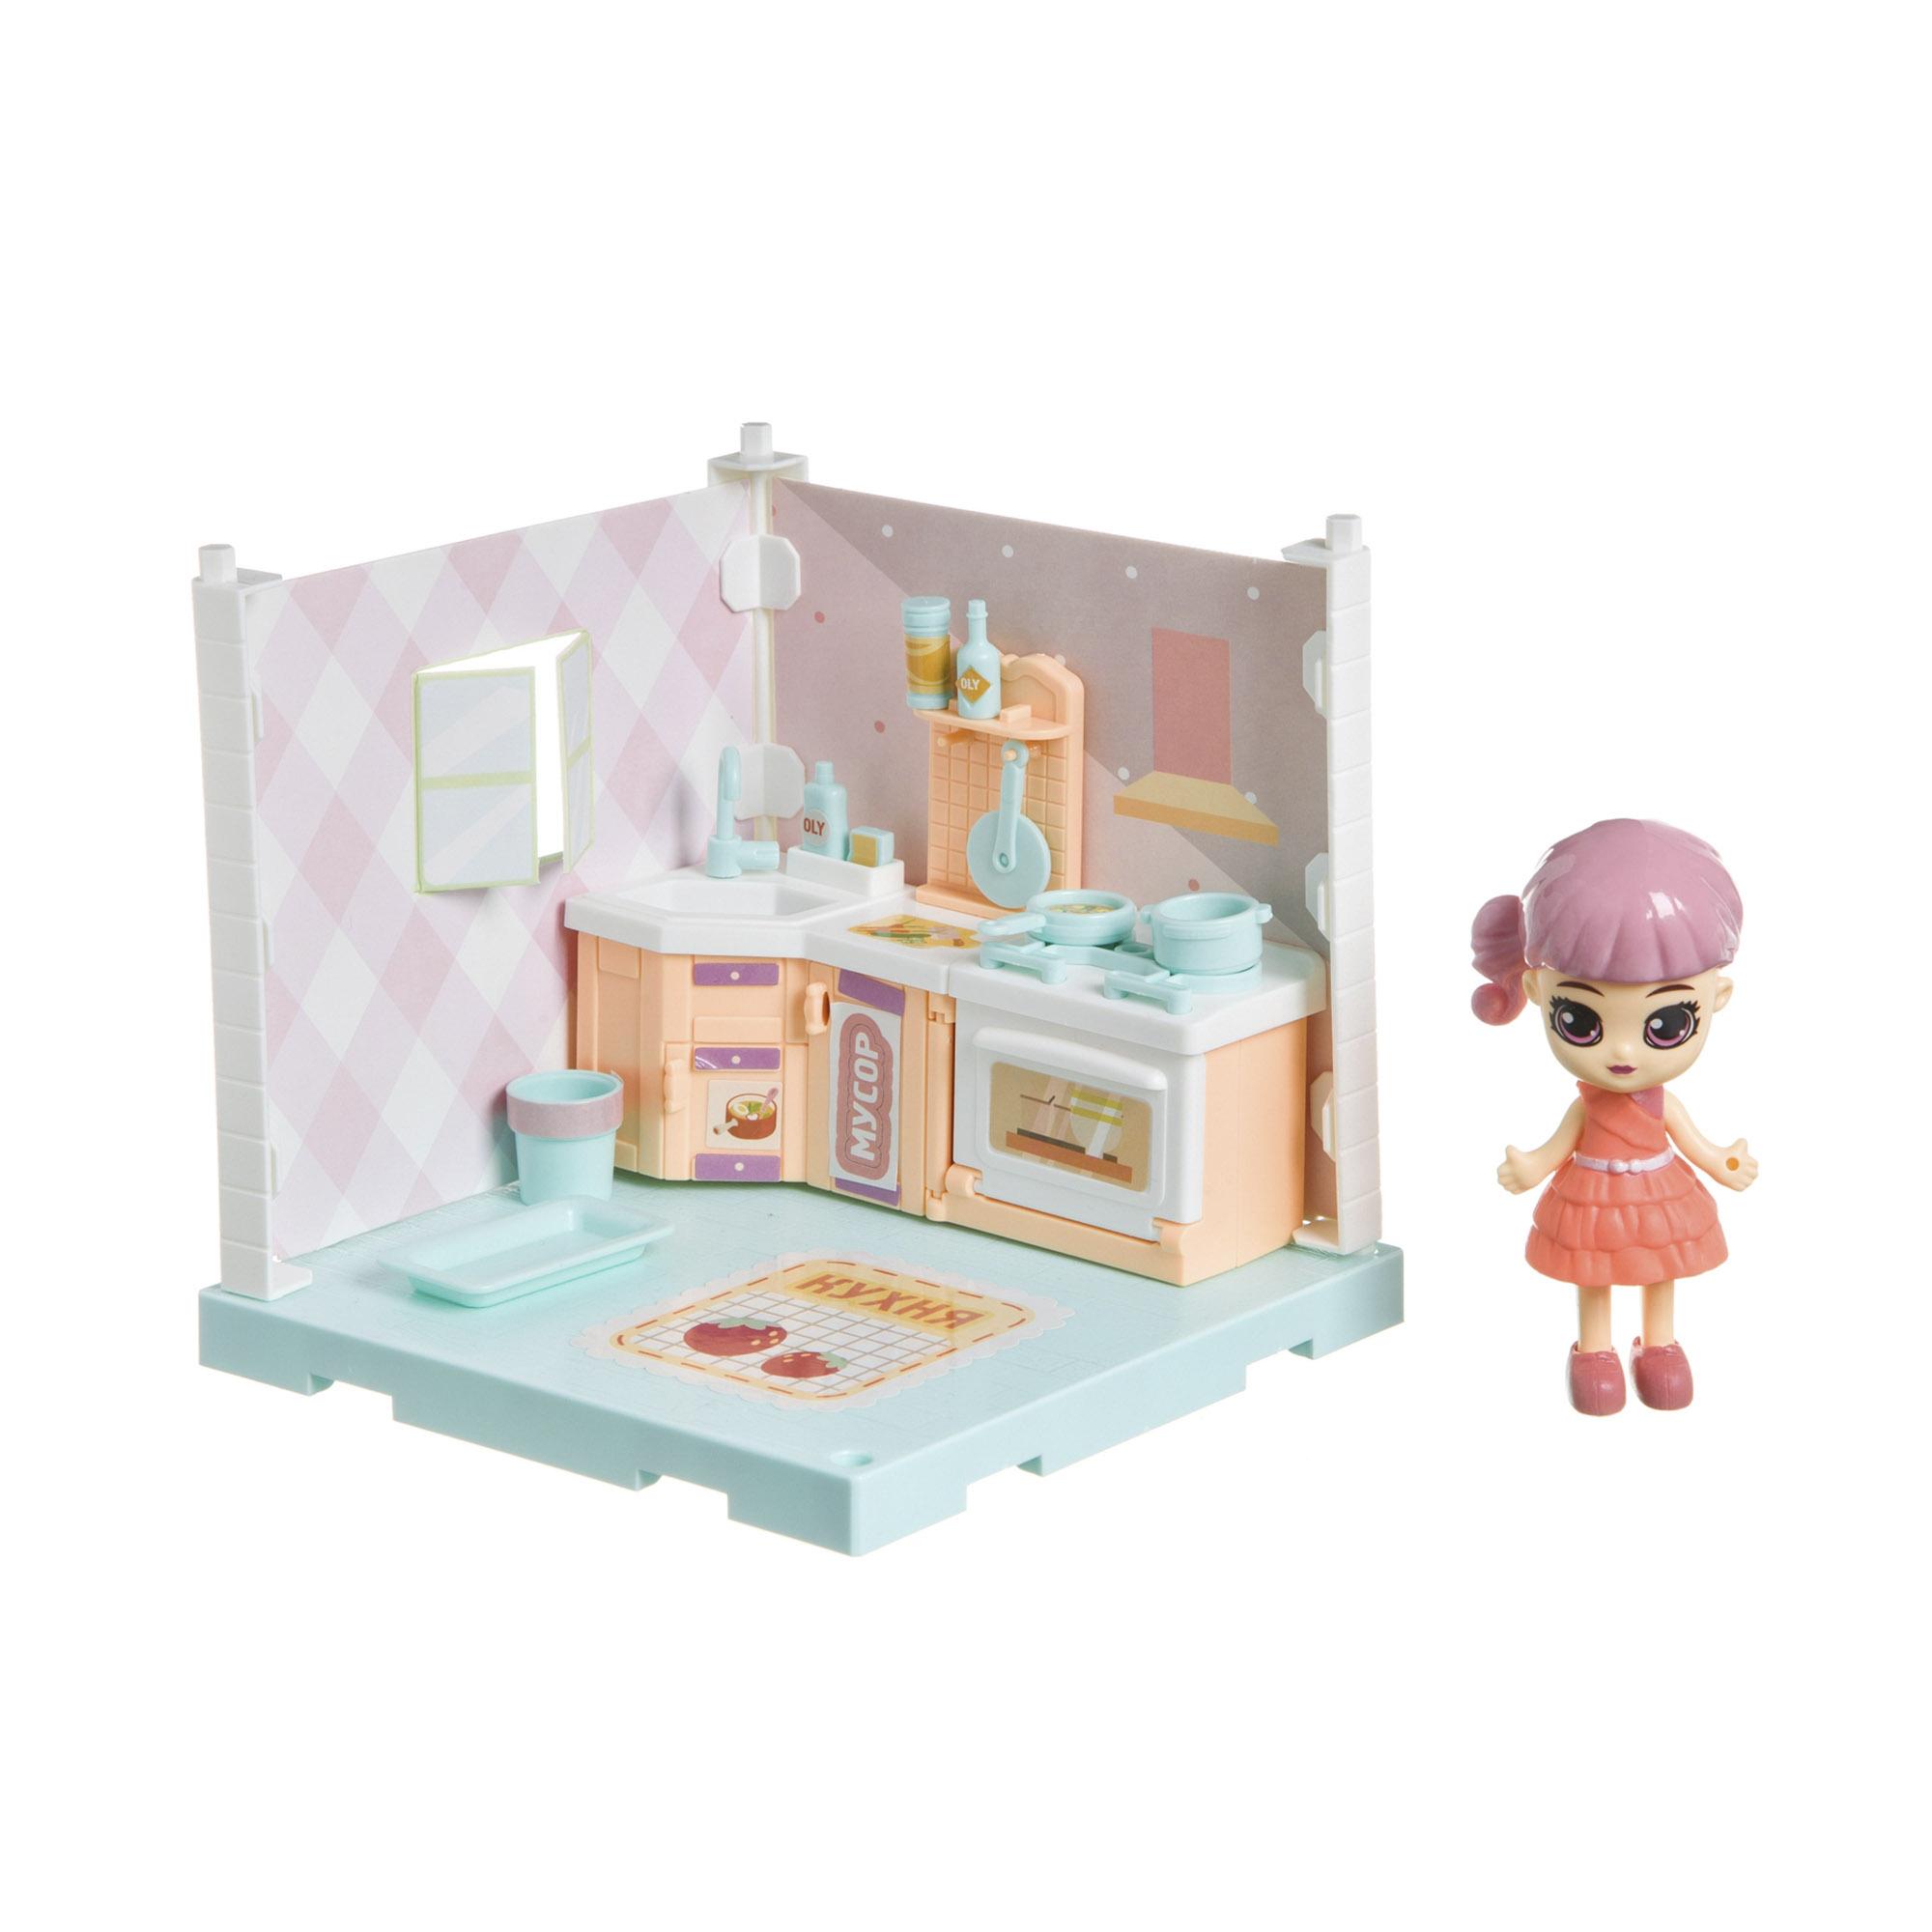 Фото - Набор игровой Bondibon Кукольный уголок кухня и куколка Oly набор игровой bondibon кукольный уголок гостиная и куколка oly